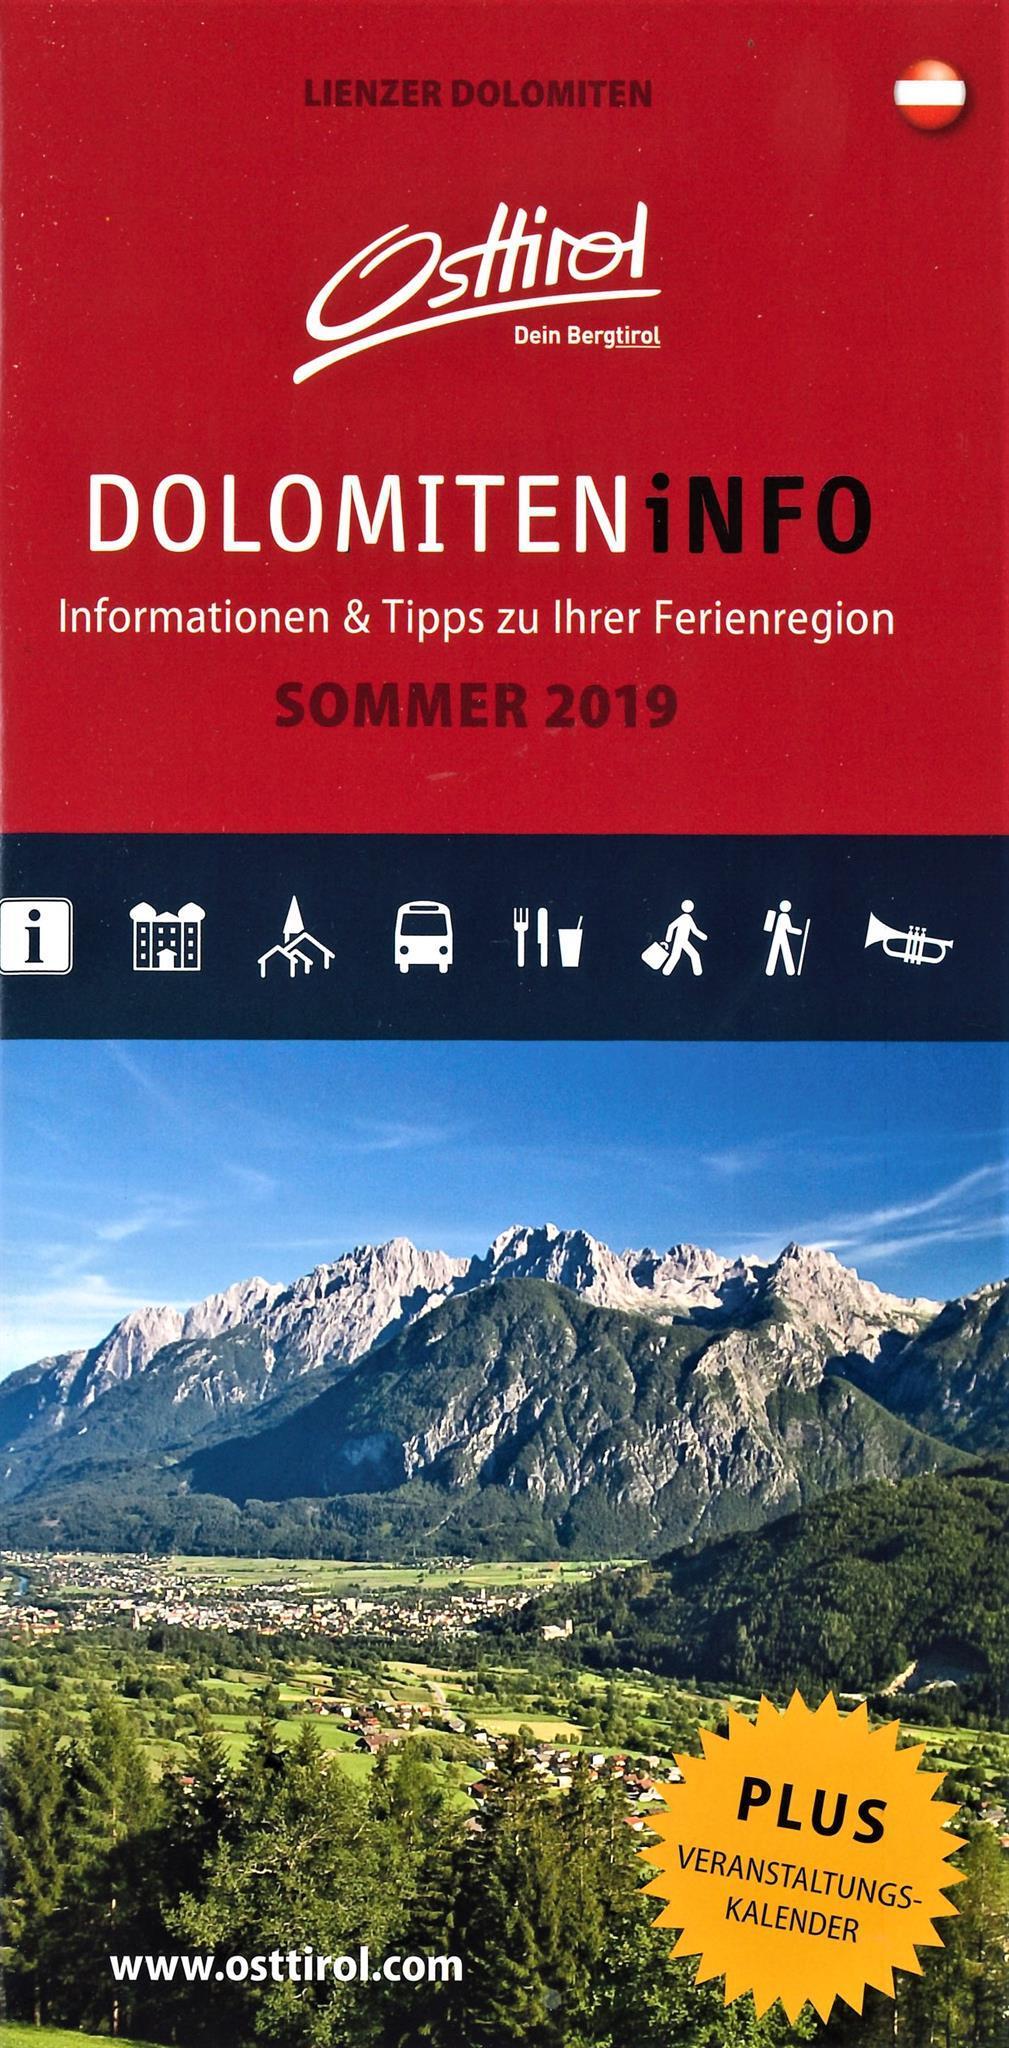 Cover-Dolomiteninfo-Sommer-2019.jpg